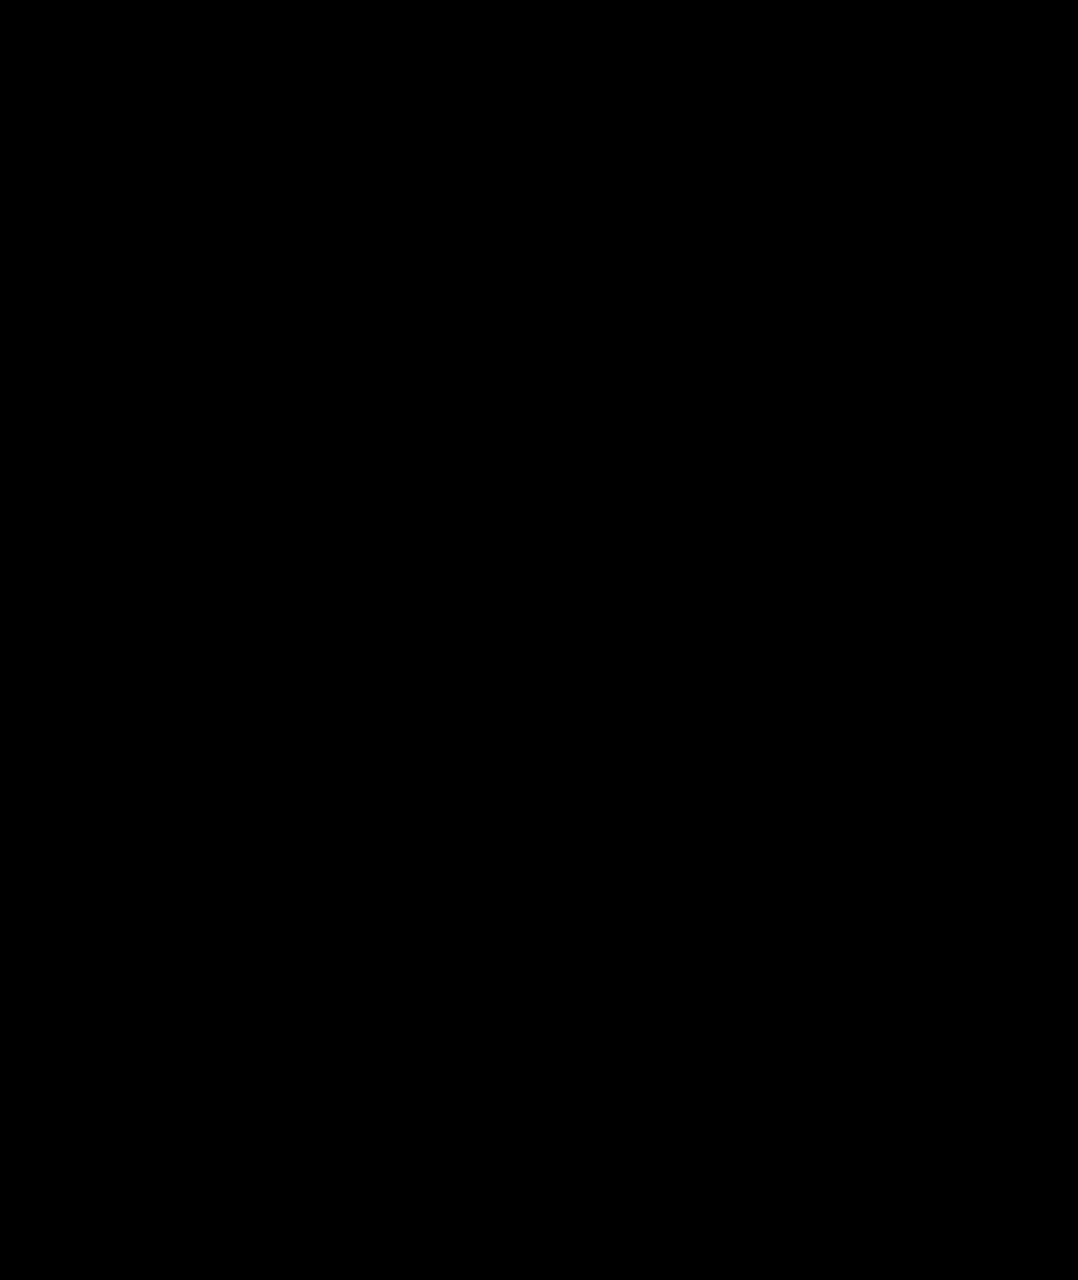 Gleithörnchen Steckbrief – Gleitvermögen, Aussehen, Lebensweise